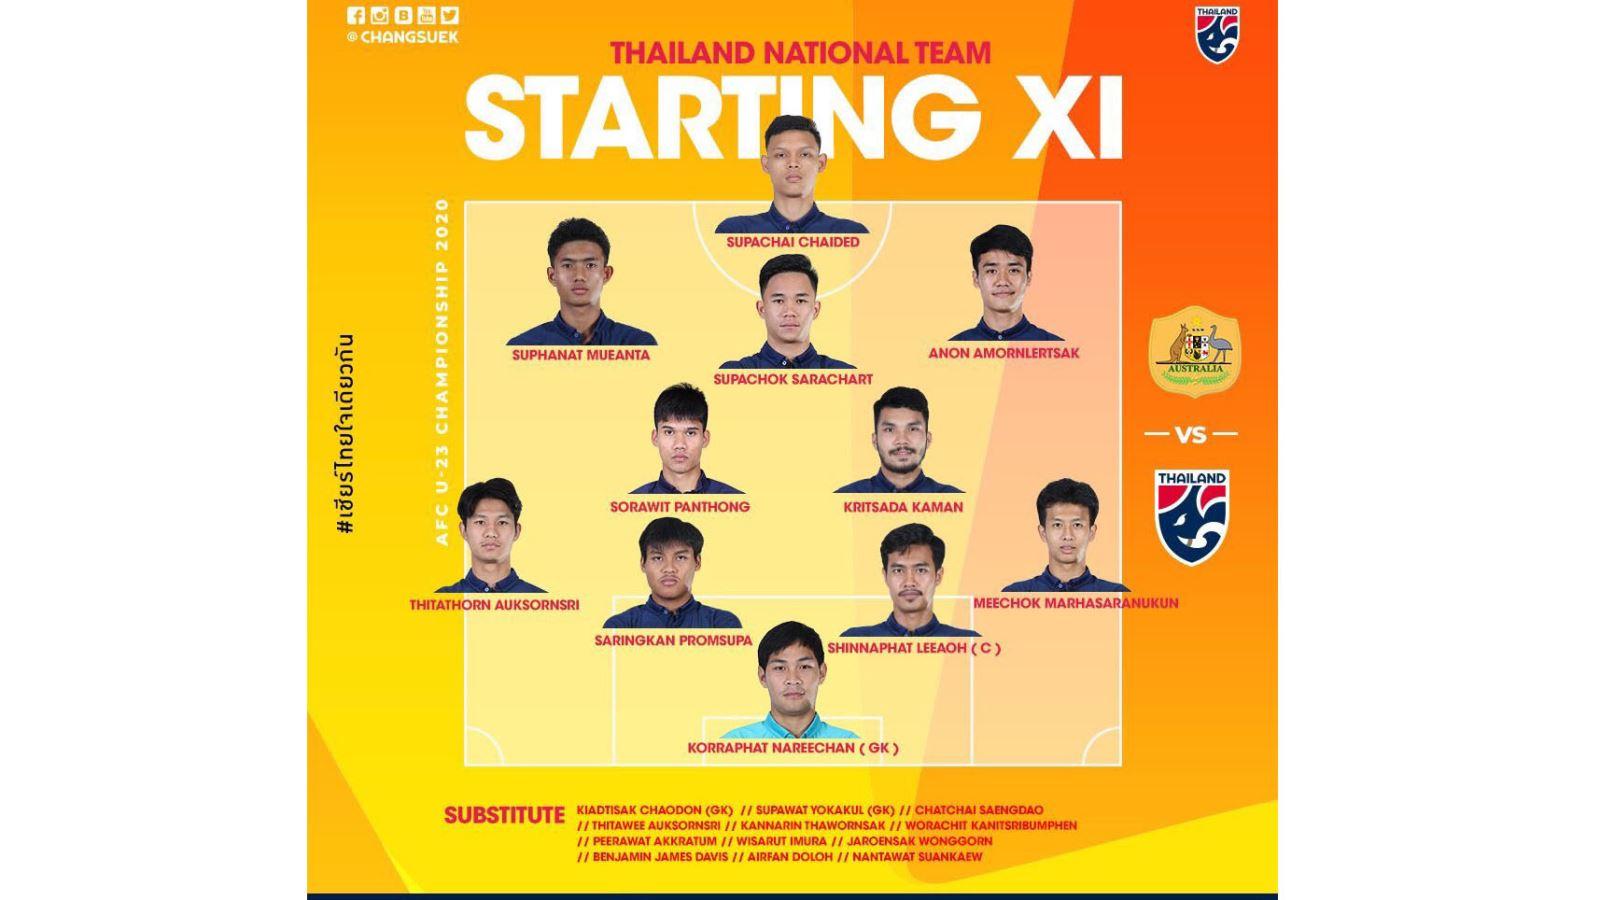 truc tiep bong da hôm nay, VTV6, truc tiep bong da, U23 Úc vs Thái Lan, U23 Thái Lan vs Úc, trực tiếp U23 châu Á 2020, Australia vs Thái Lan, xem bóng đá trực tiếp VTV6